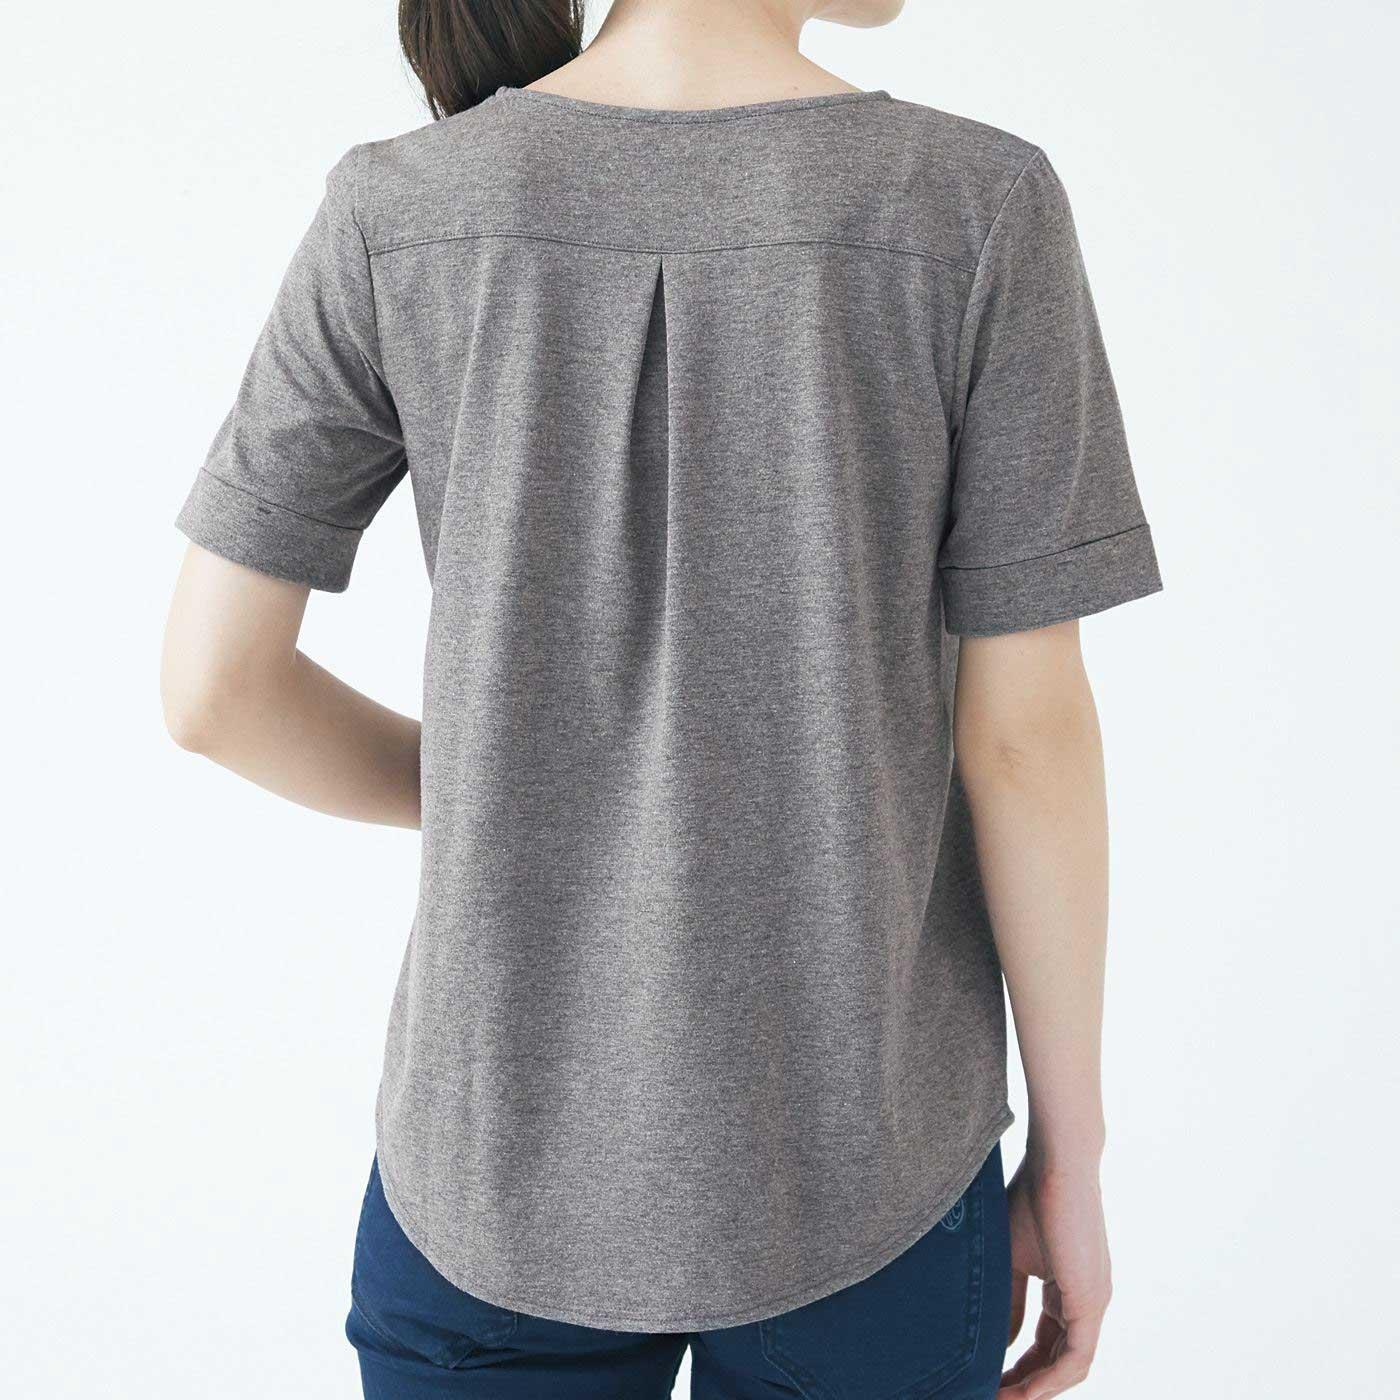 フラウグラット 一枚で主役級! こだわりの立体設計 汗じみ対策Tシャツの会